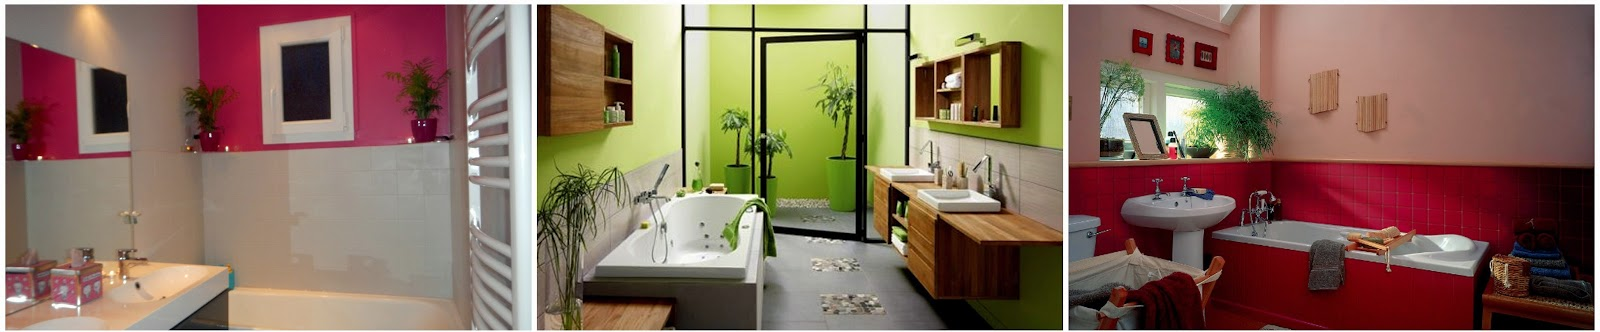 cout peintre en batiment salle de bain paris entreprise. Black Bedroom Furniture Sets. Home Design Ideas